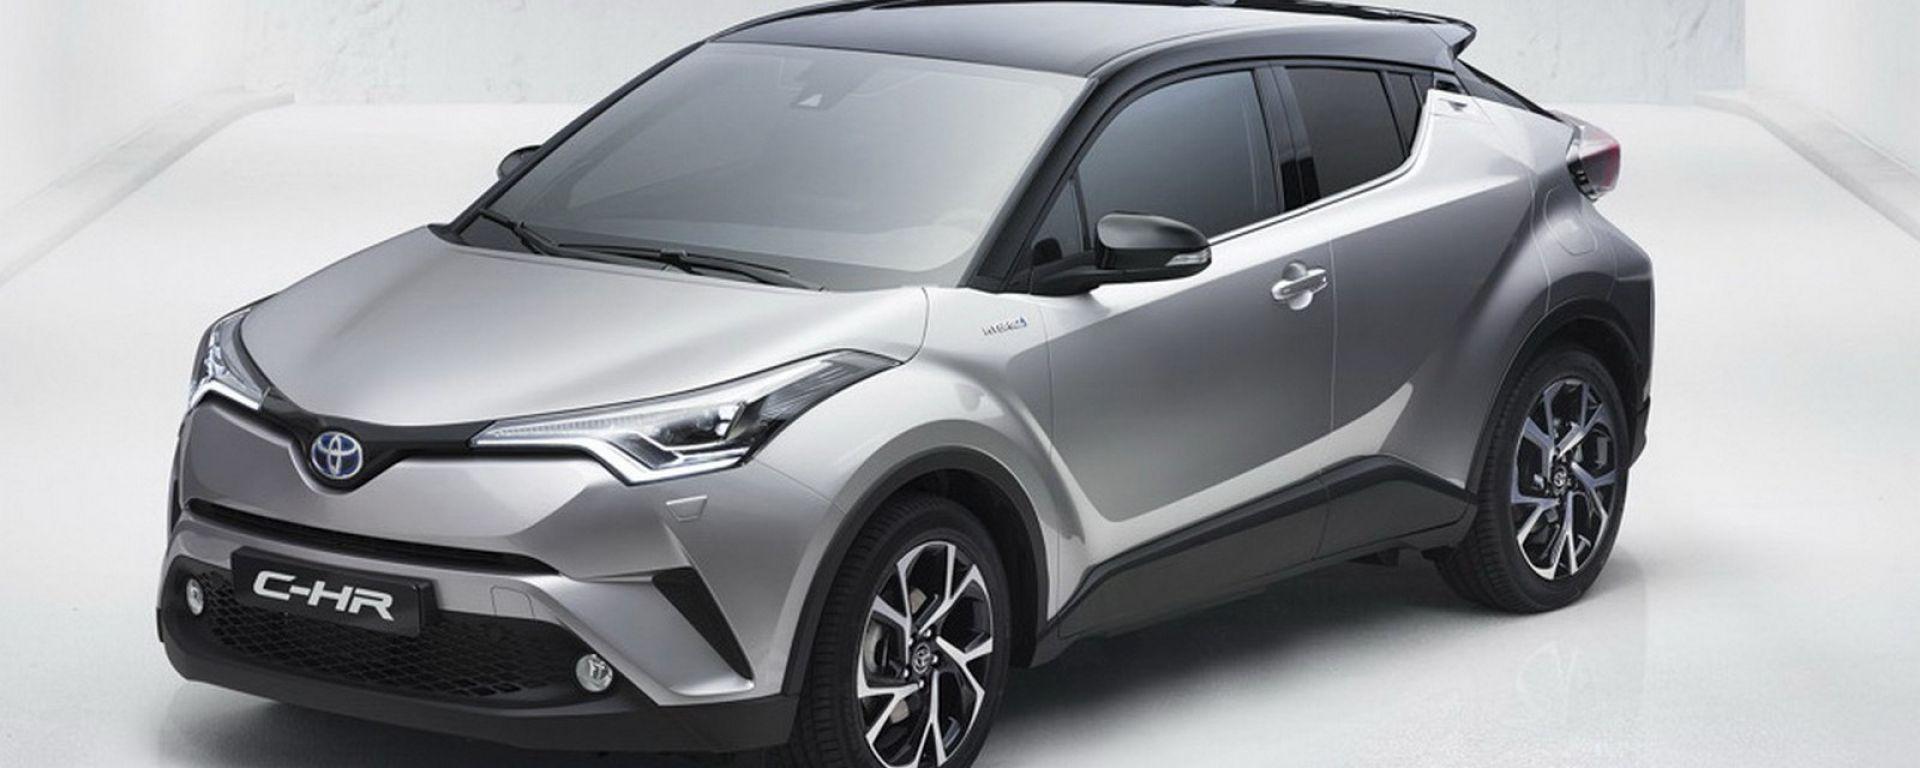 Prime foto ufficiali di Toyota C-HR, presto al Salone di Ginevra